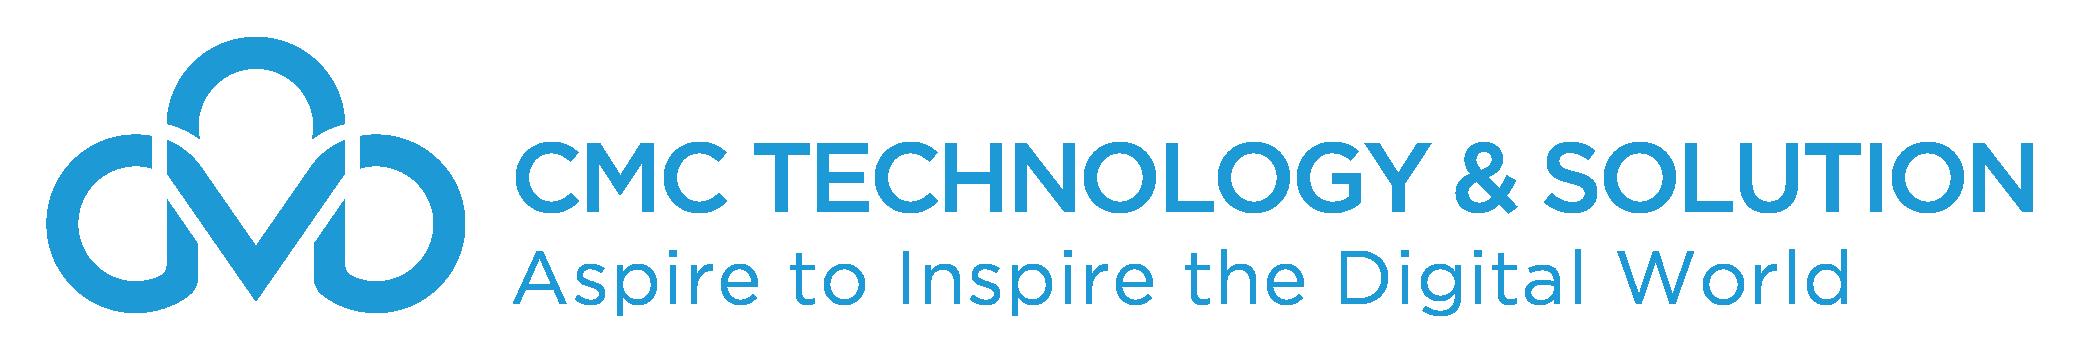 CMC Technology